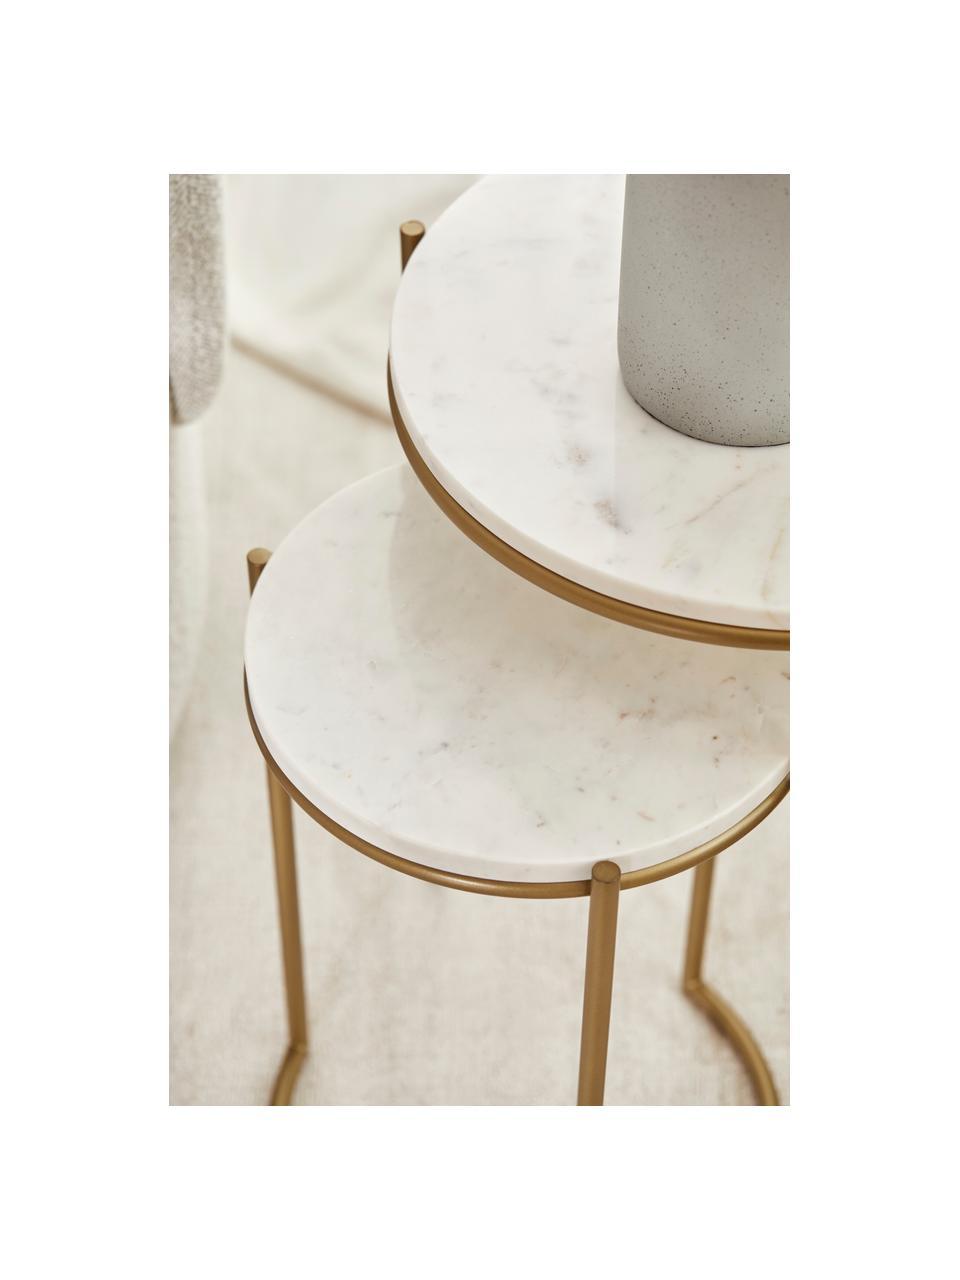 Marmeren bijzettafelset Ella, 2-delig, Frame: gepoedercoat metaal, Tafelbladen: wit marmer. Frame: mat goudkleurig, Set met verschillende formaten